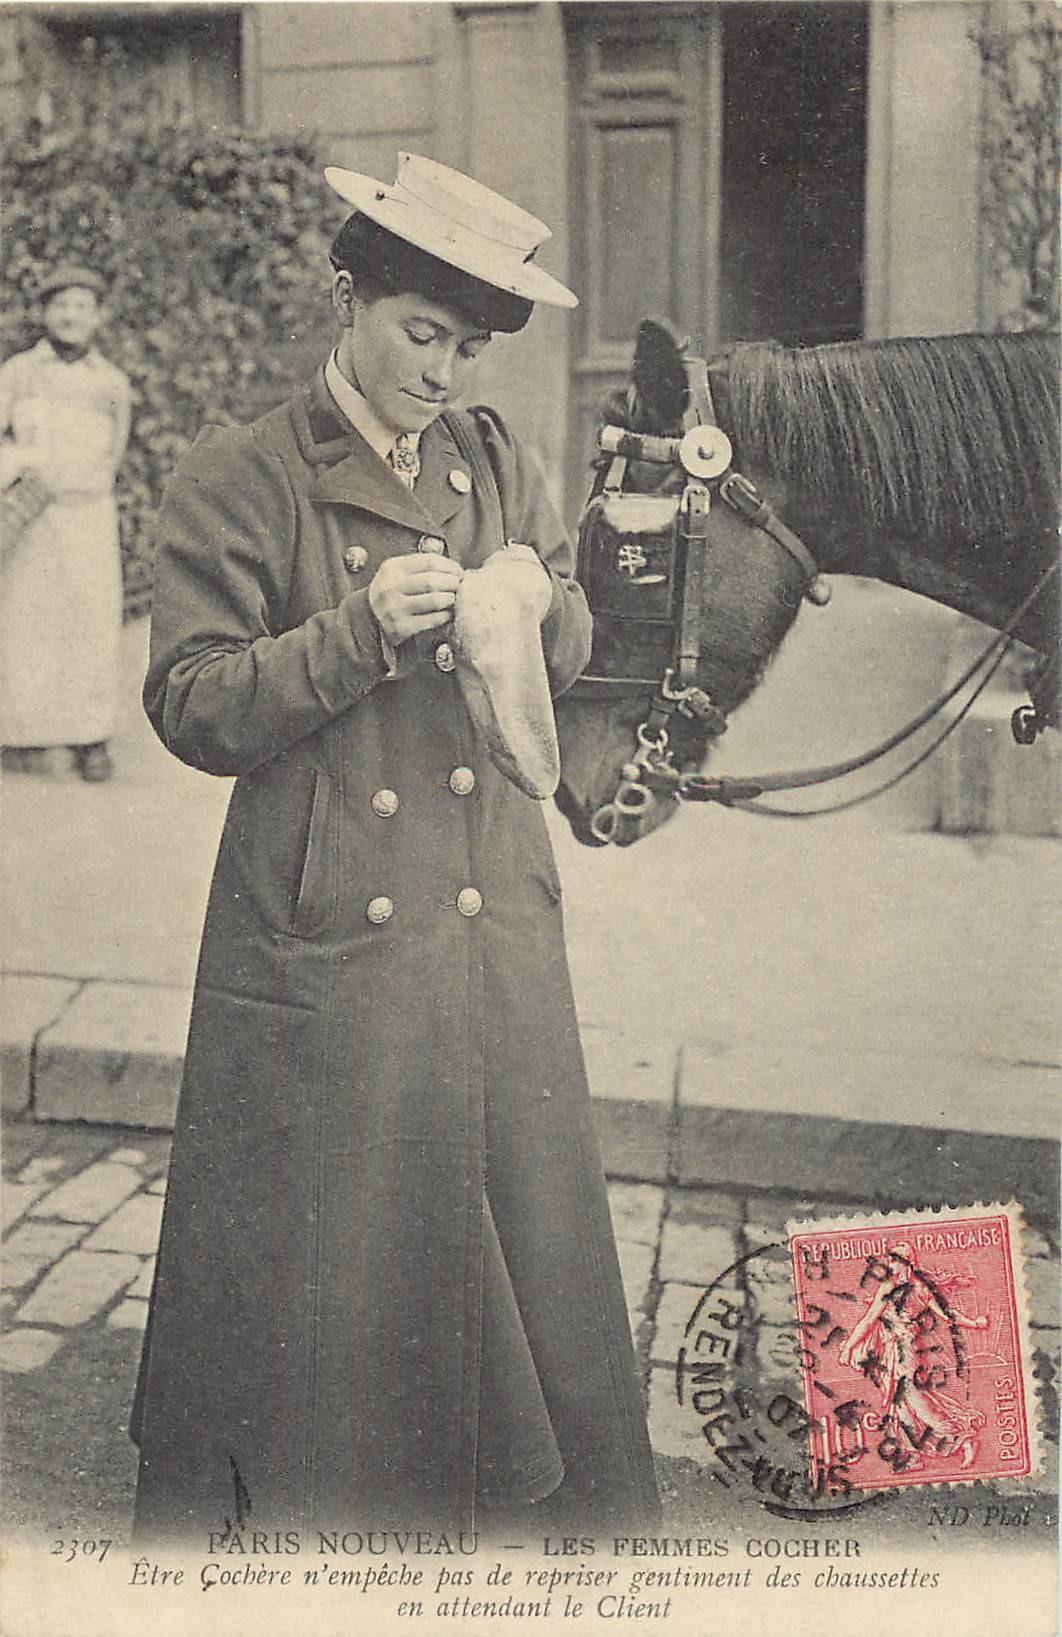 PARIS NOUVEAU. Les Femmes Cocher Cochère 1907. Reprisant ses chaussettes